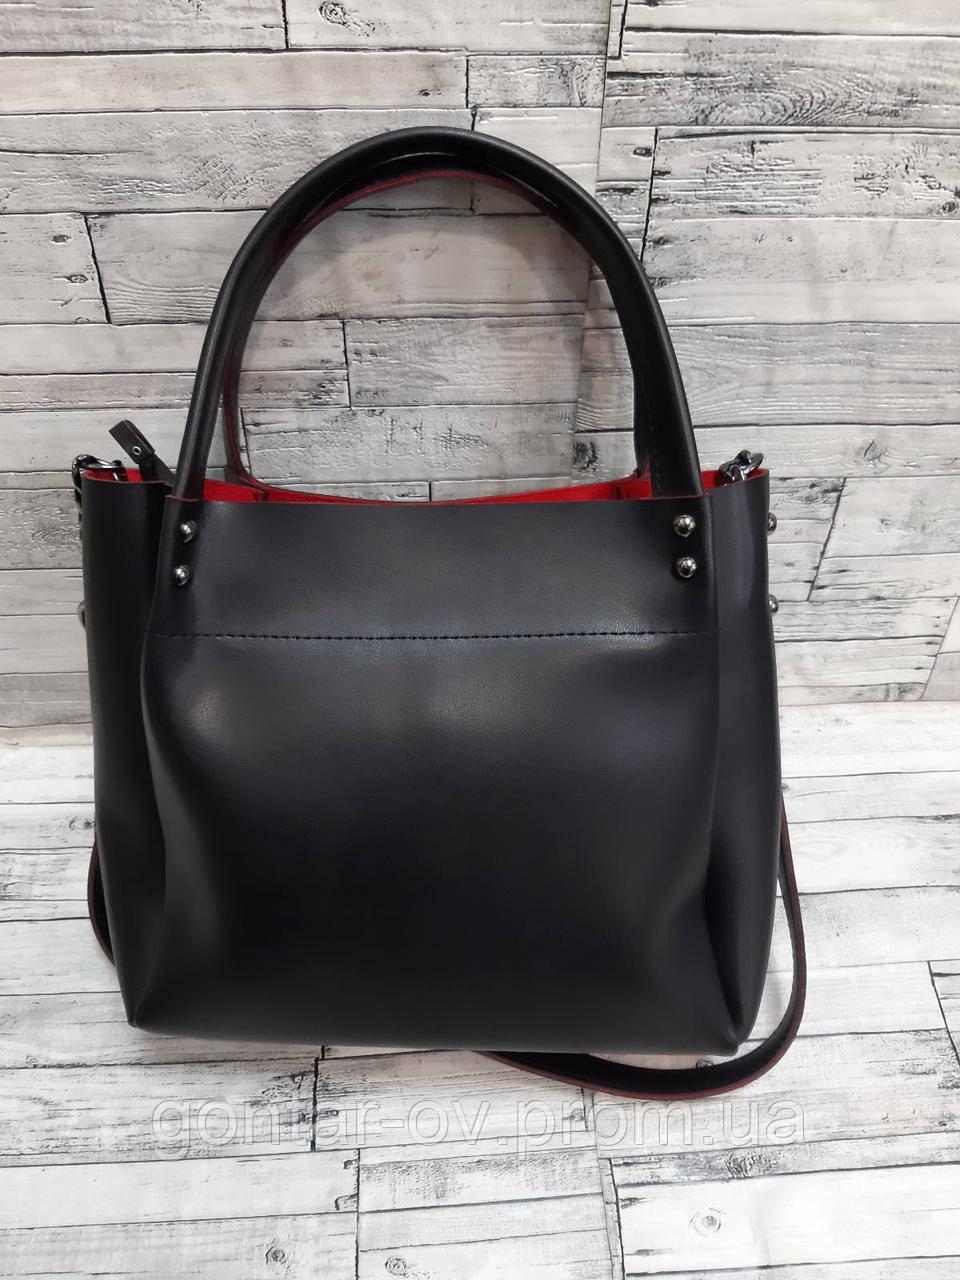 Жіноча чорно-червона сумка Dior